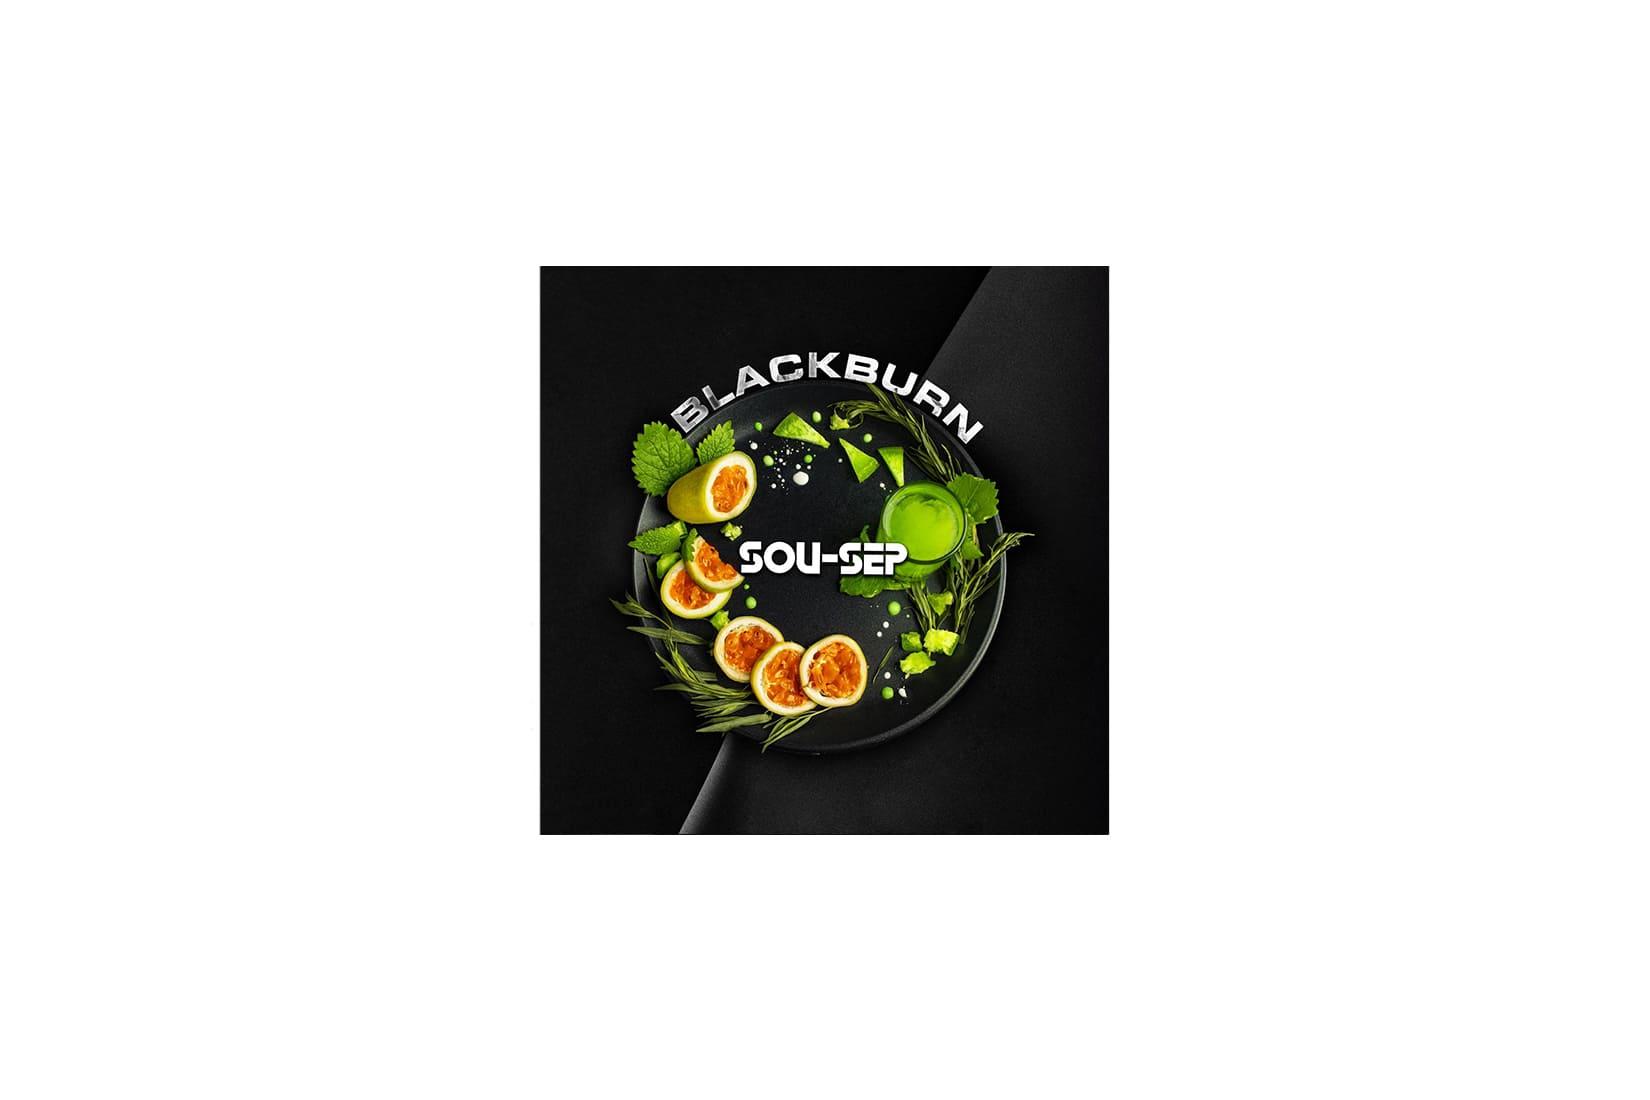 Табак для кальяна Black Burn Sou-Sep – описание, миксы, отзывы